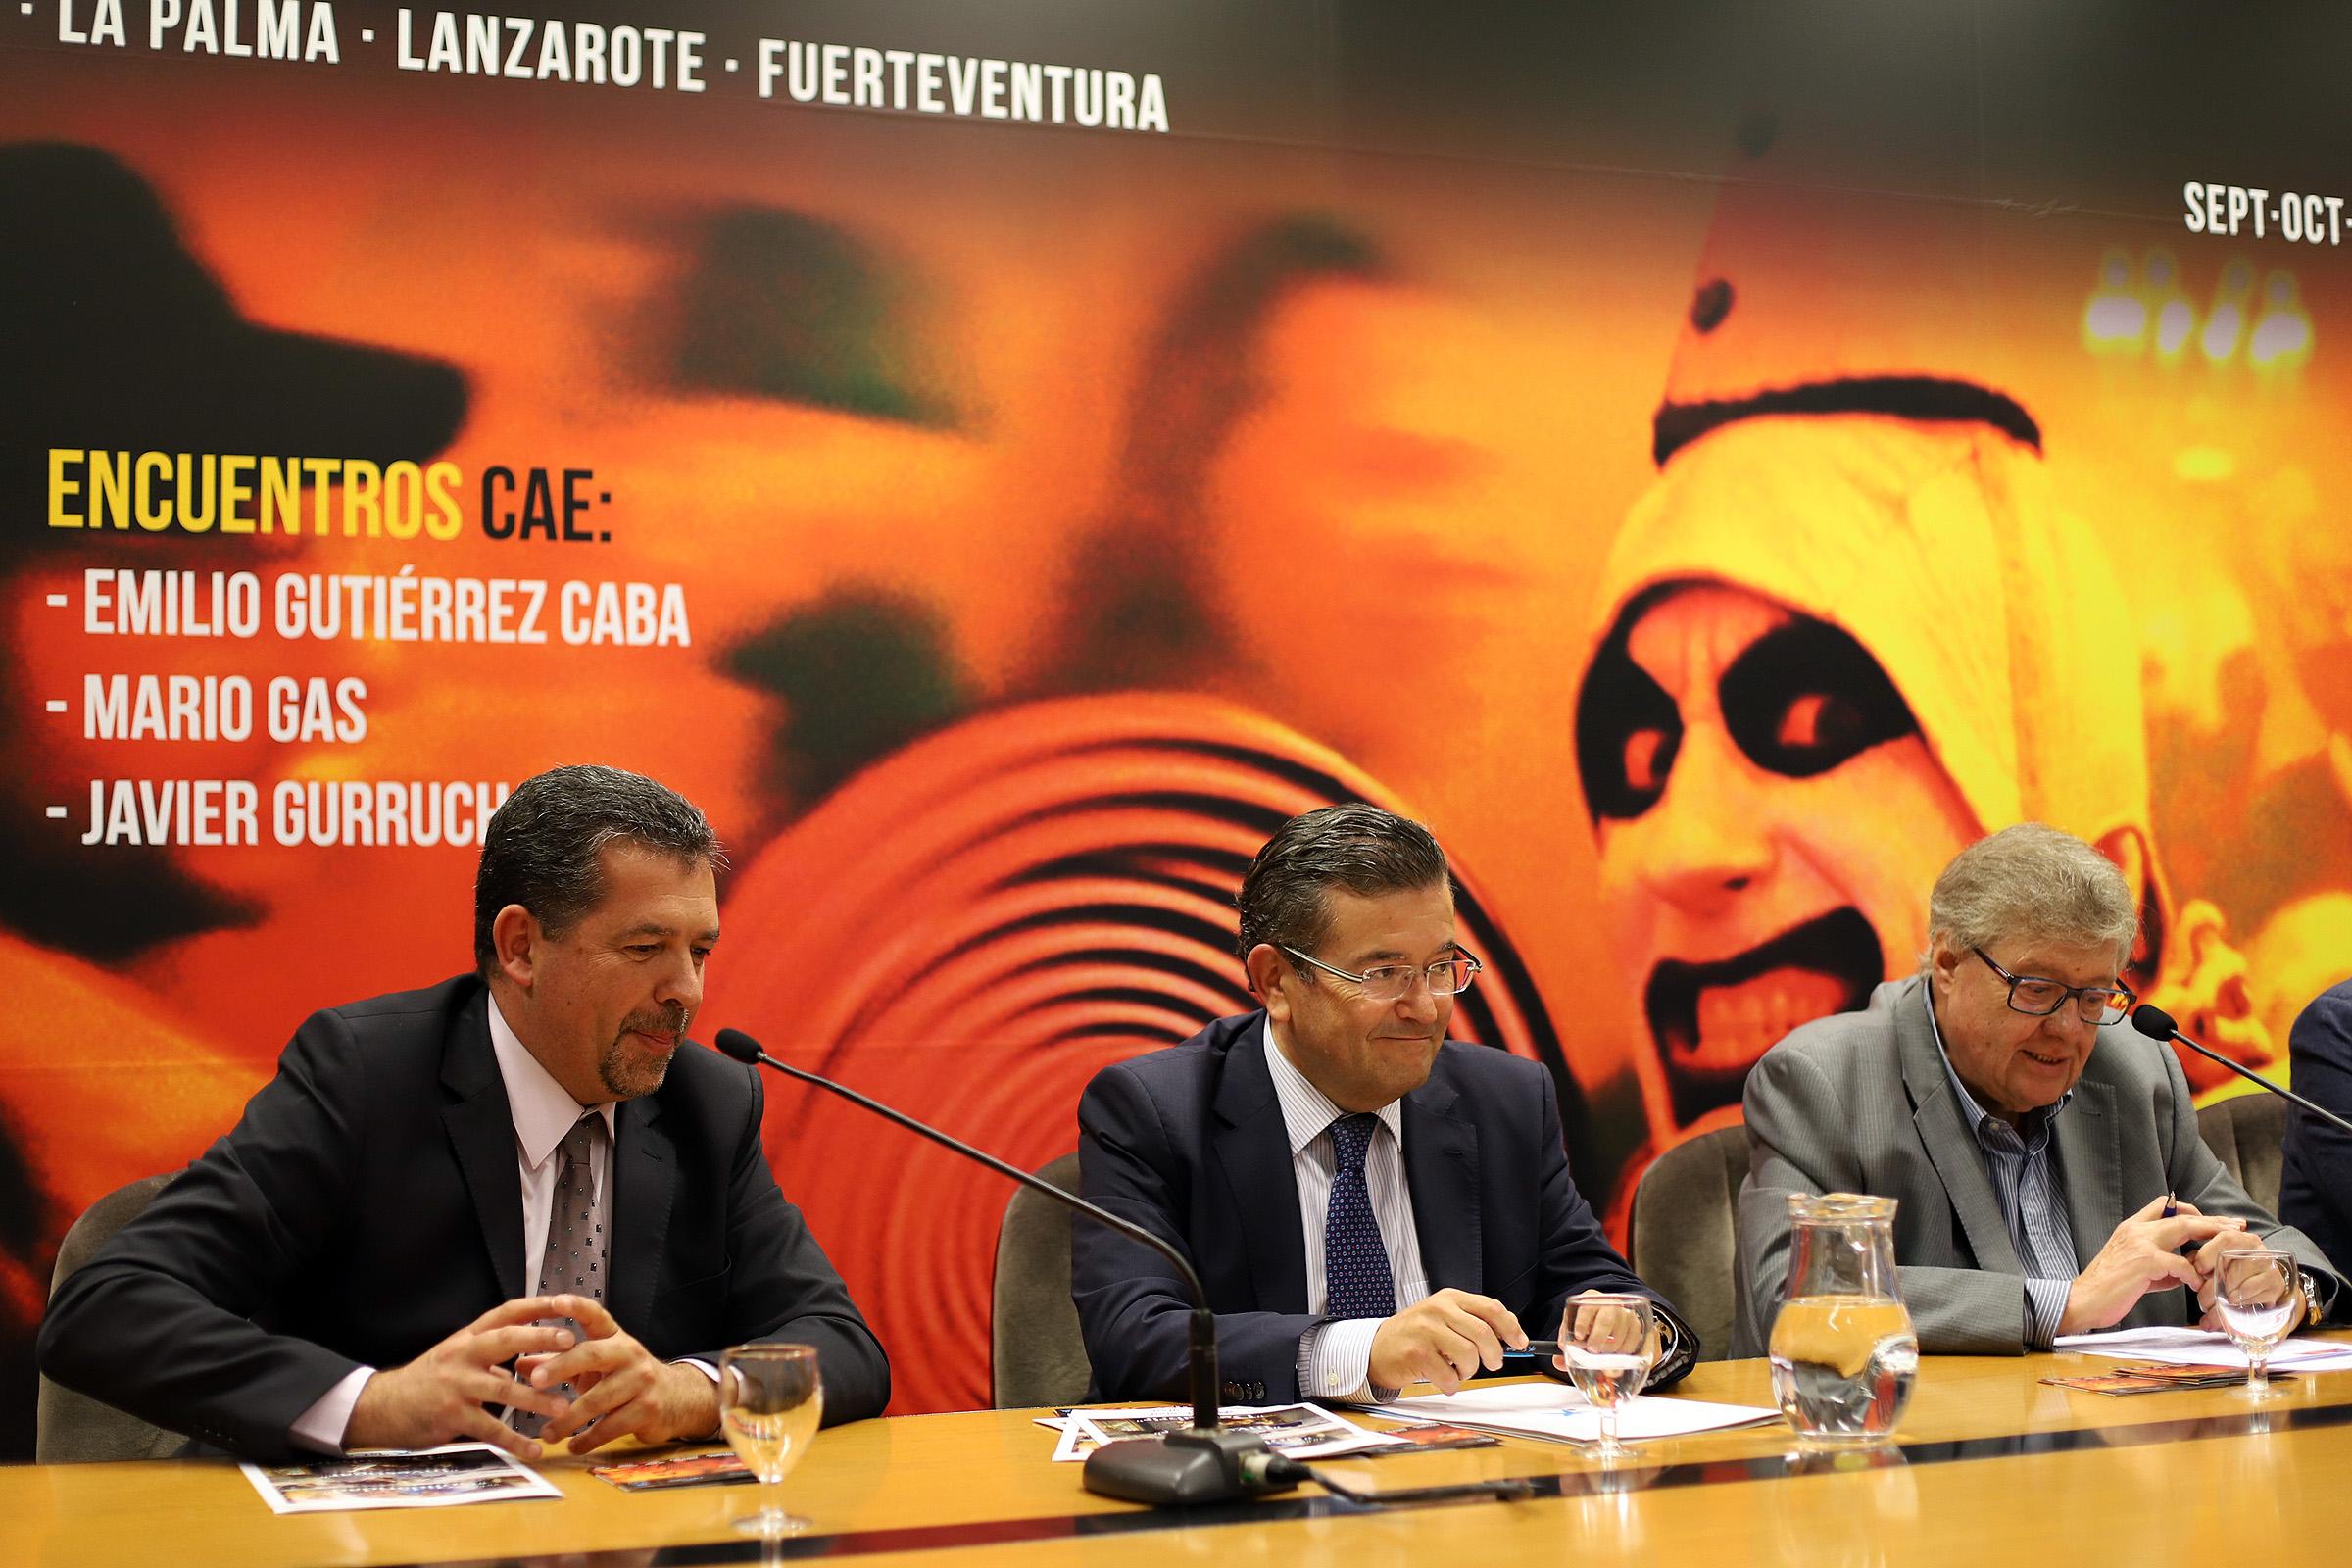 Presentado el CAE, Festival Internacional Canarias Artes Escénicas 2019